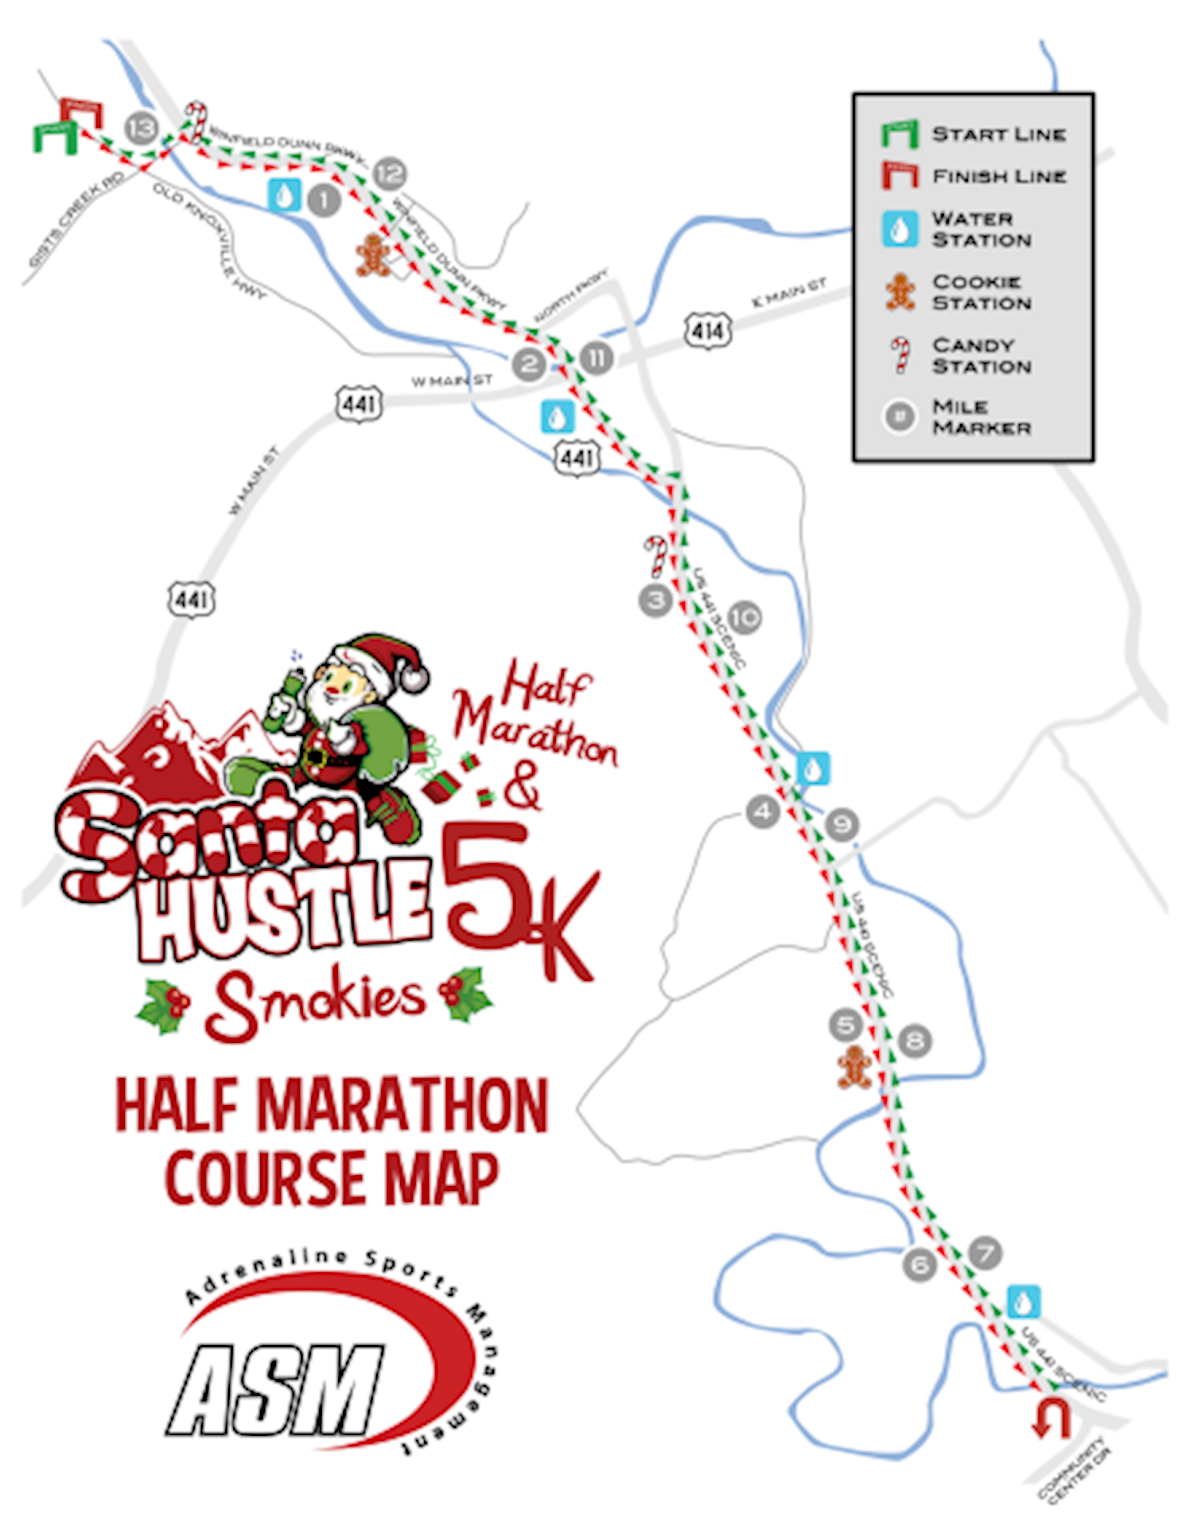 Santa Hustle Smokies 5k & Half Marathon MAPA DEL RECORRIDO DE